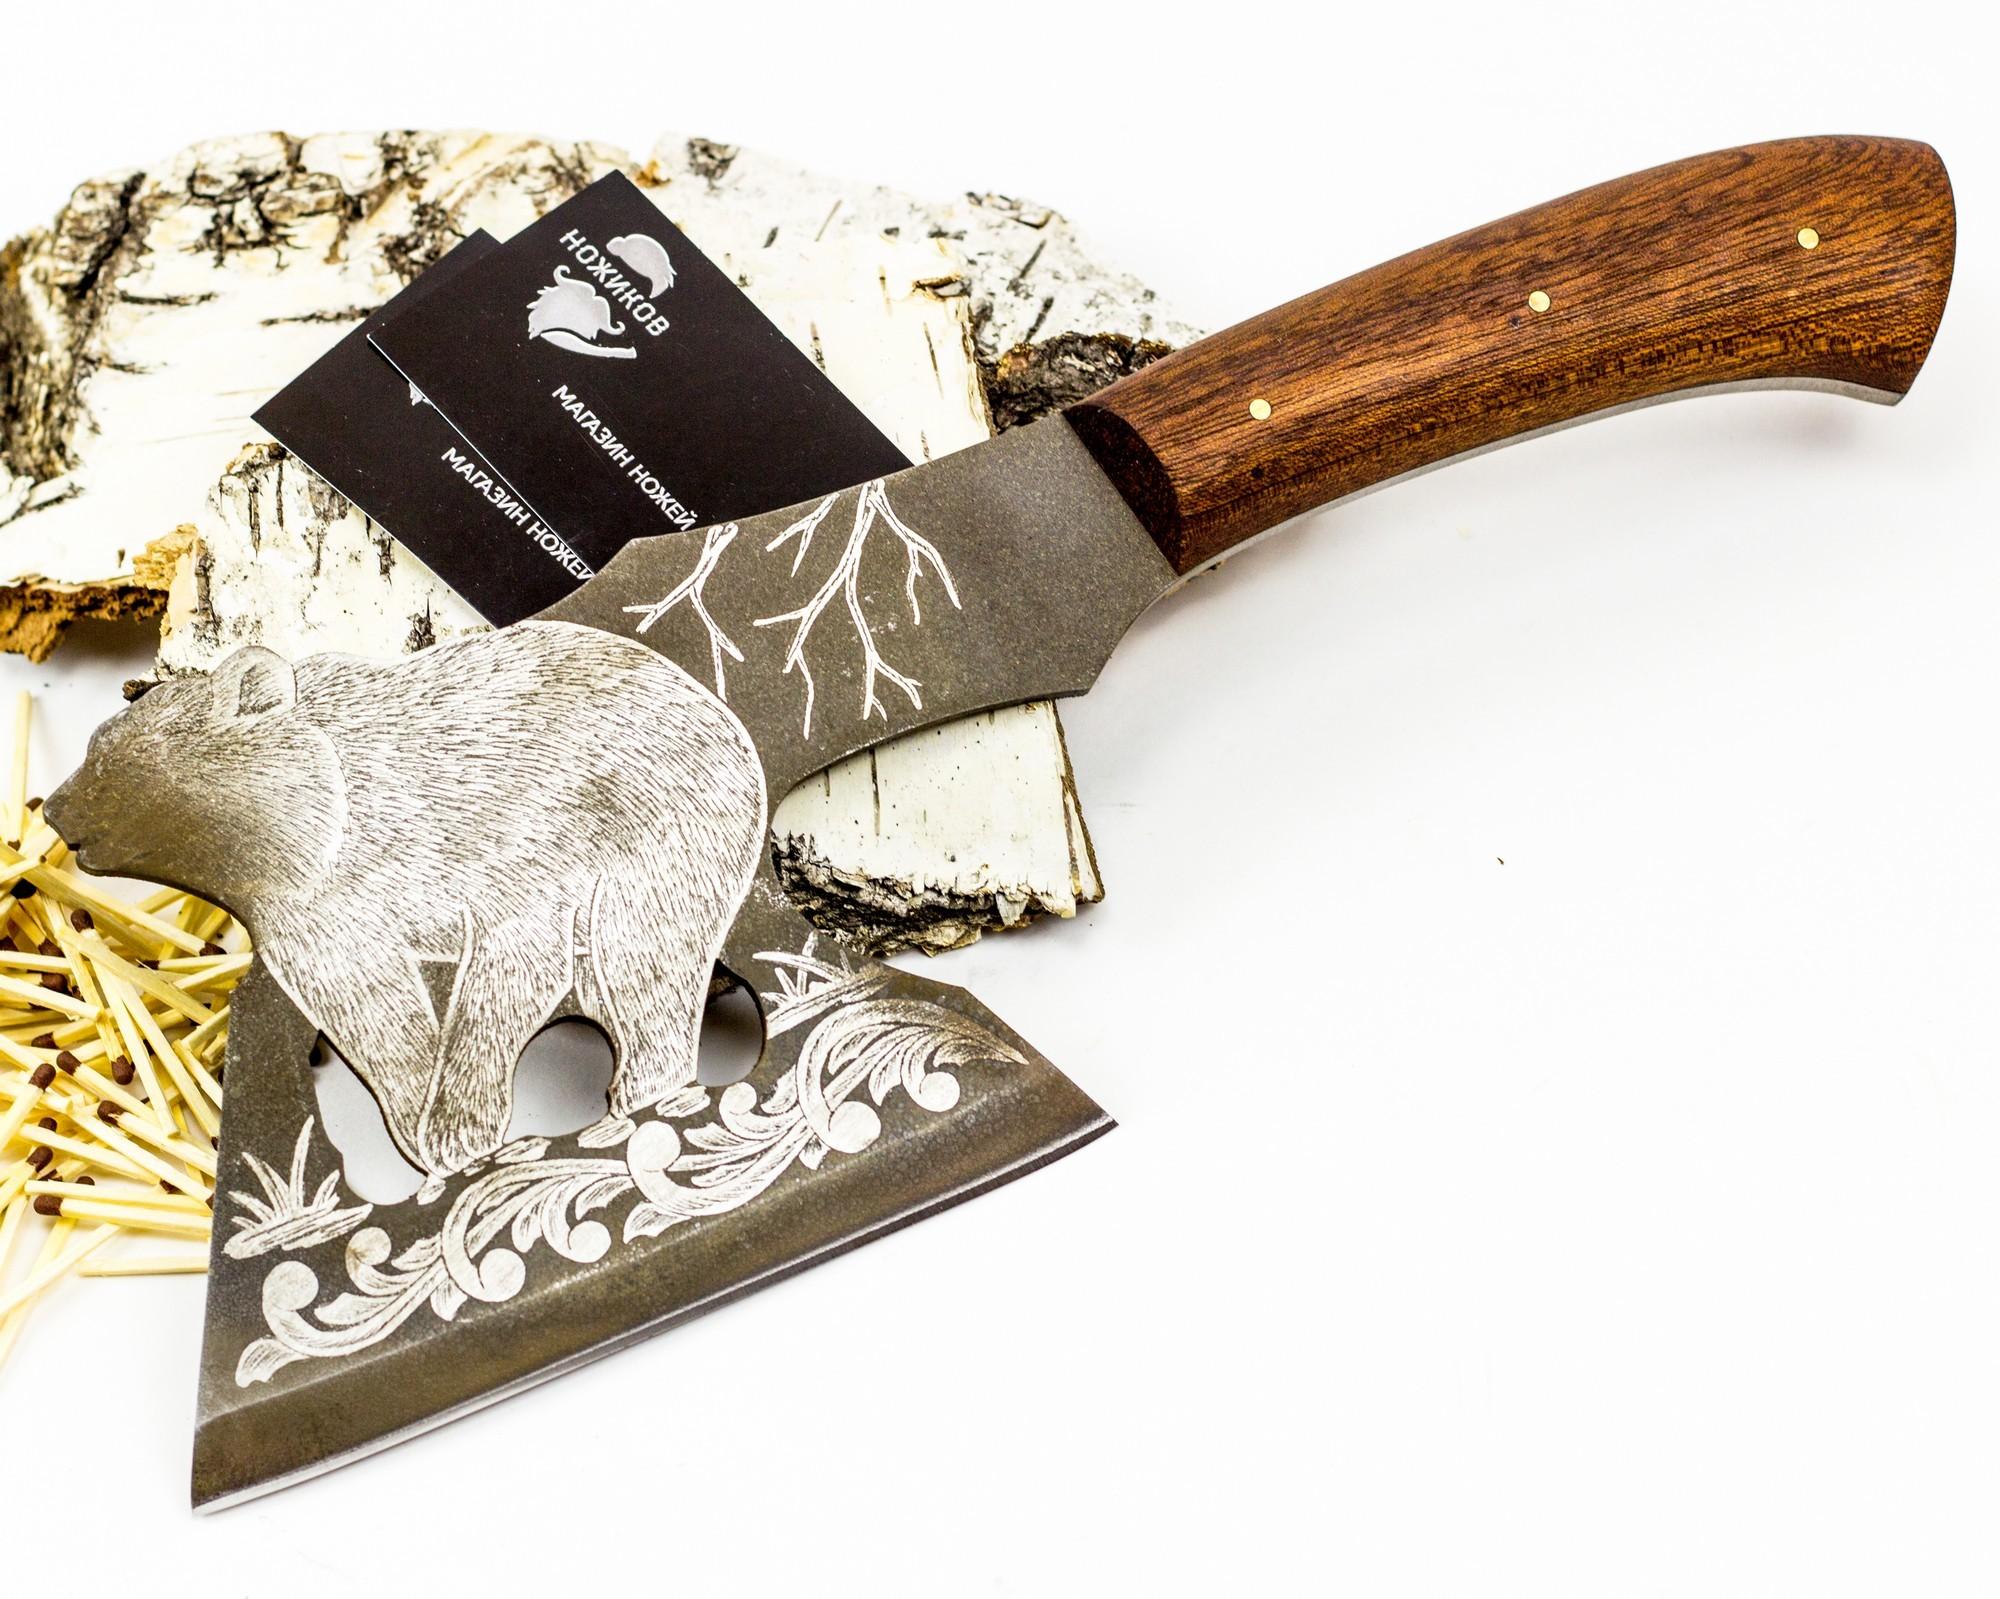 Фото 6 - Топорик Медведь-2, 9ХС от Промтехснаб